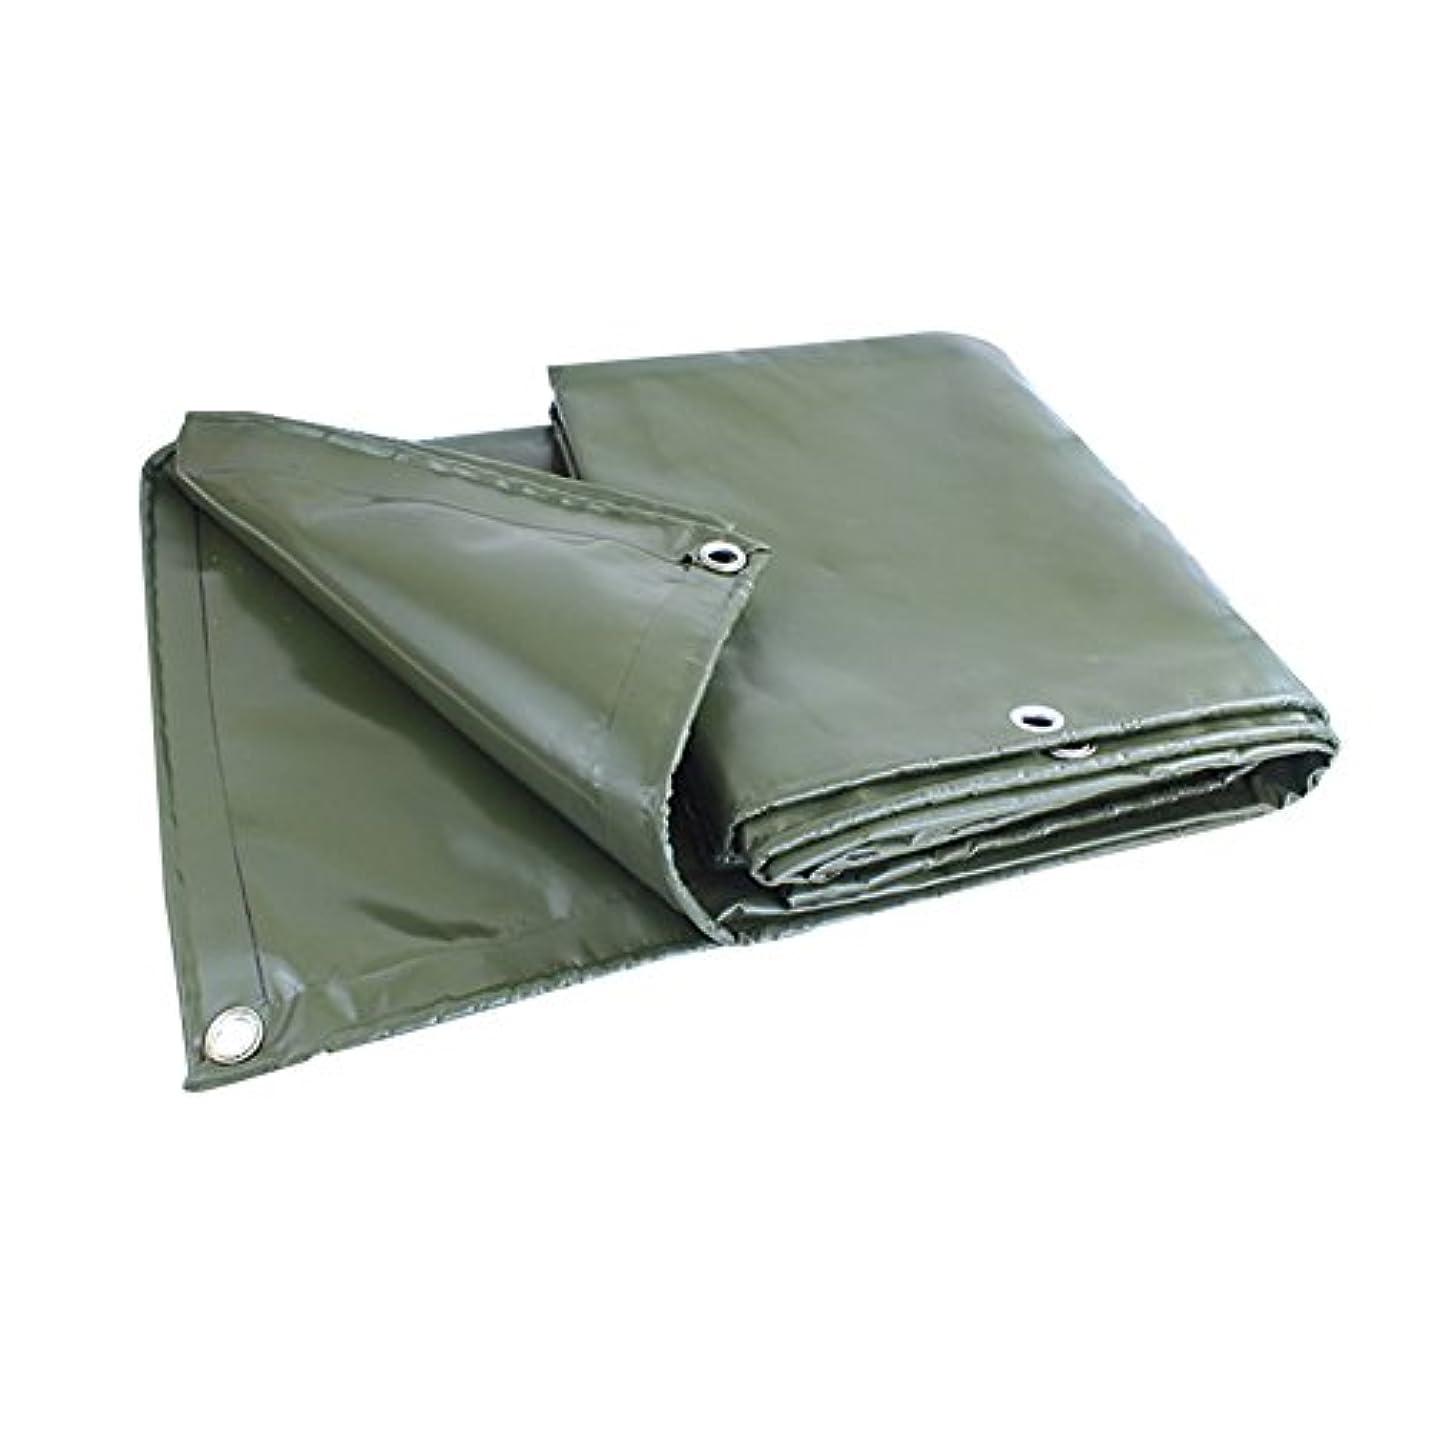 迷彩夕食を作るクラッシュZHANWEI ターポリンタープ 厚くする 防水 耐摩耗性 雨布 にとって 列車 汽船、 厚さ0.4mm、 180g /㎡、 カスタマイズ可能なサイズ (色 : Green, サイズ さいず : 3x3M)